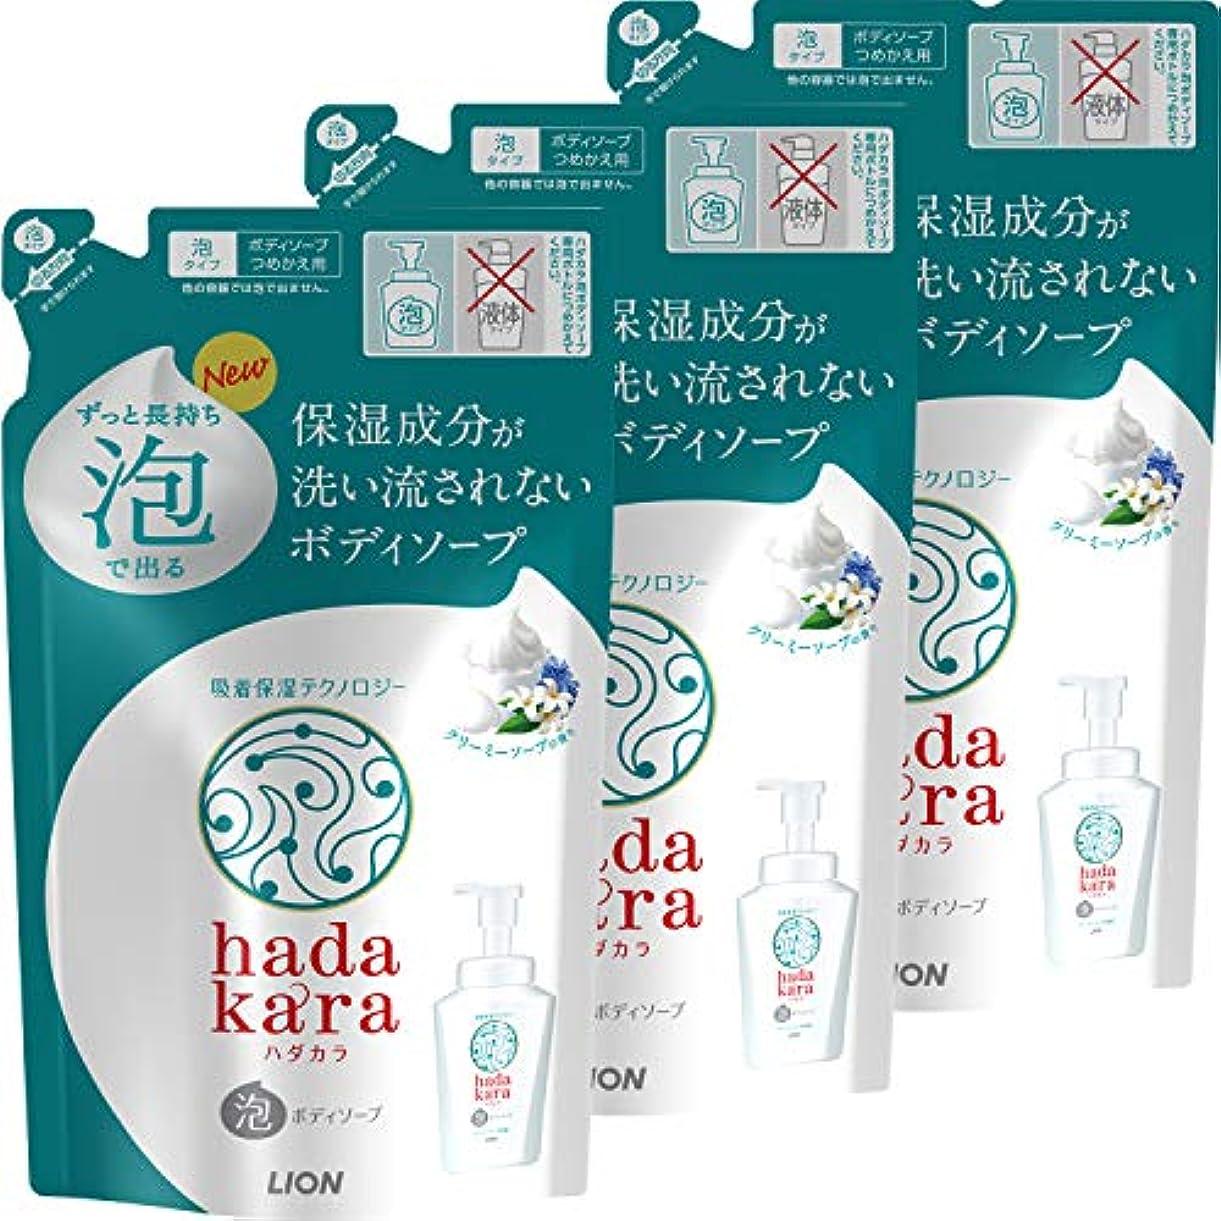 オフェンスマラソンワットhadakara(ハダカラ) ボディソープ 泡タイプ クリーミーソープの香り 詰替440ml×3個